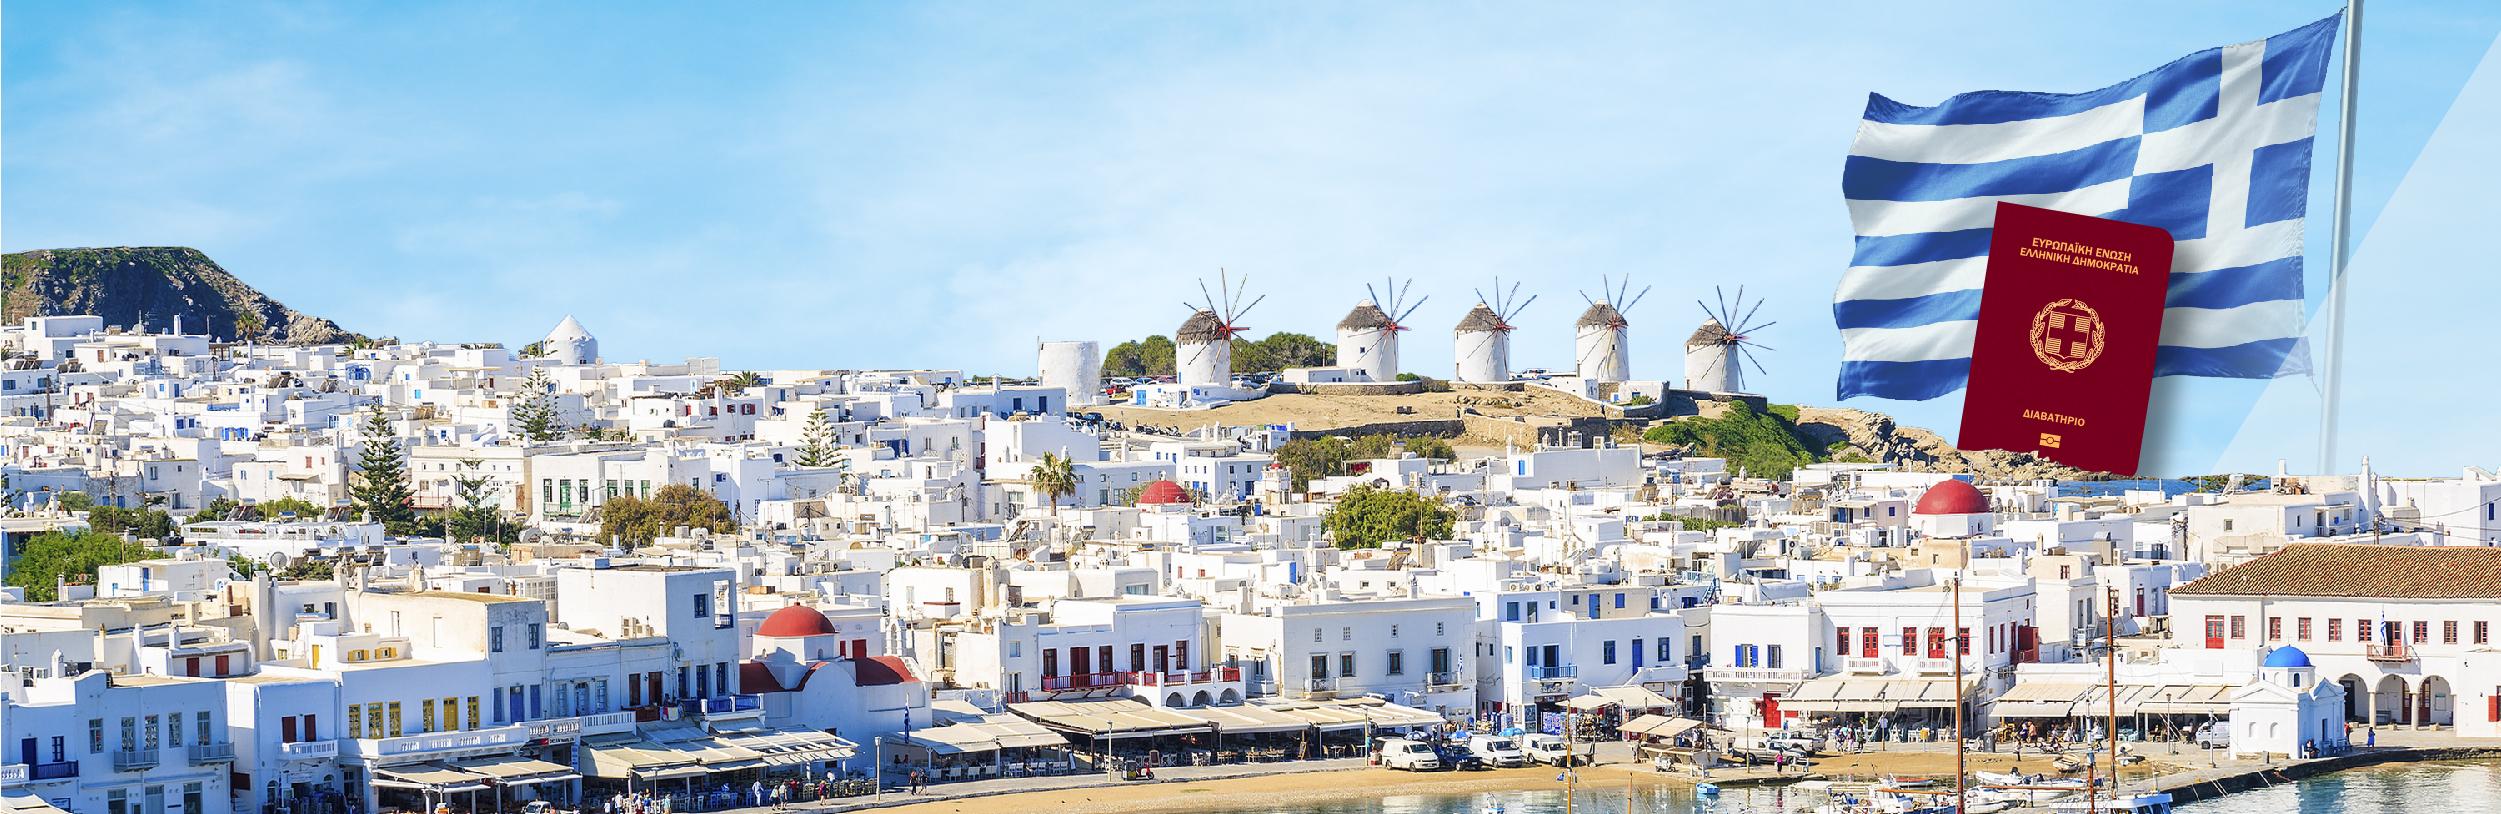 Sở hữu nhà nghỉ dưỡng ở Hy Lạp, được thêm thẻ thường trú nhân Châu Âu